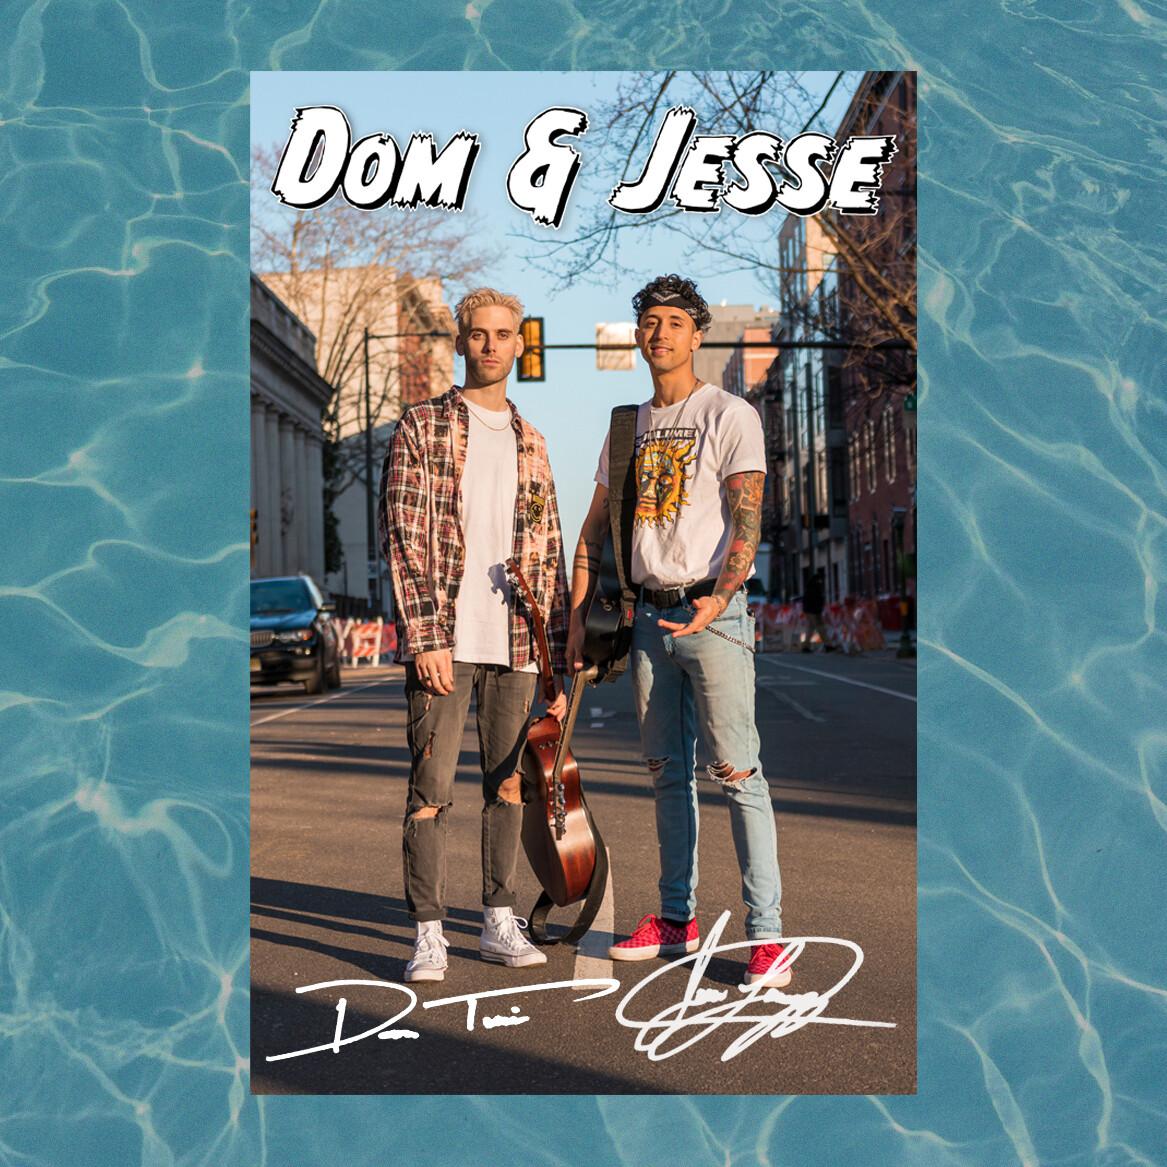 Dom & Jesse Signed Poster